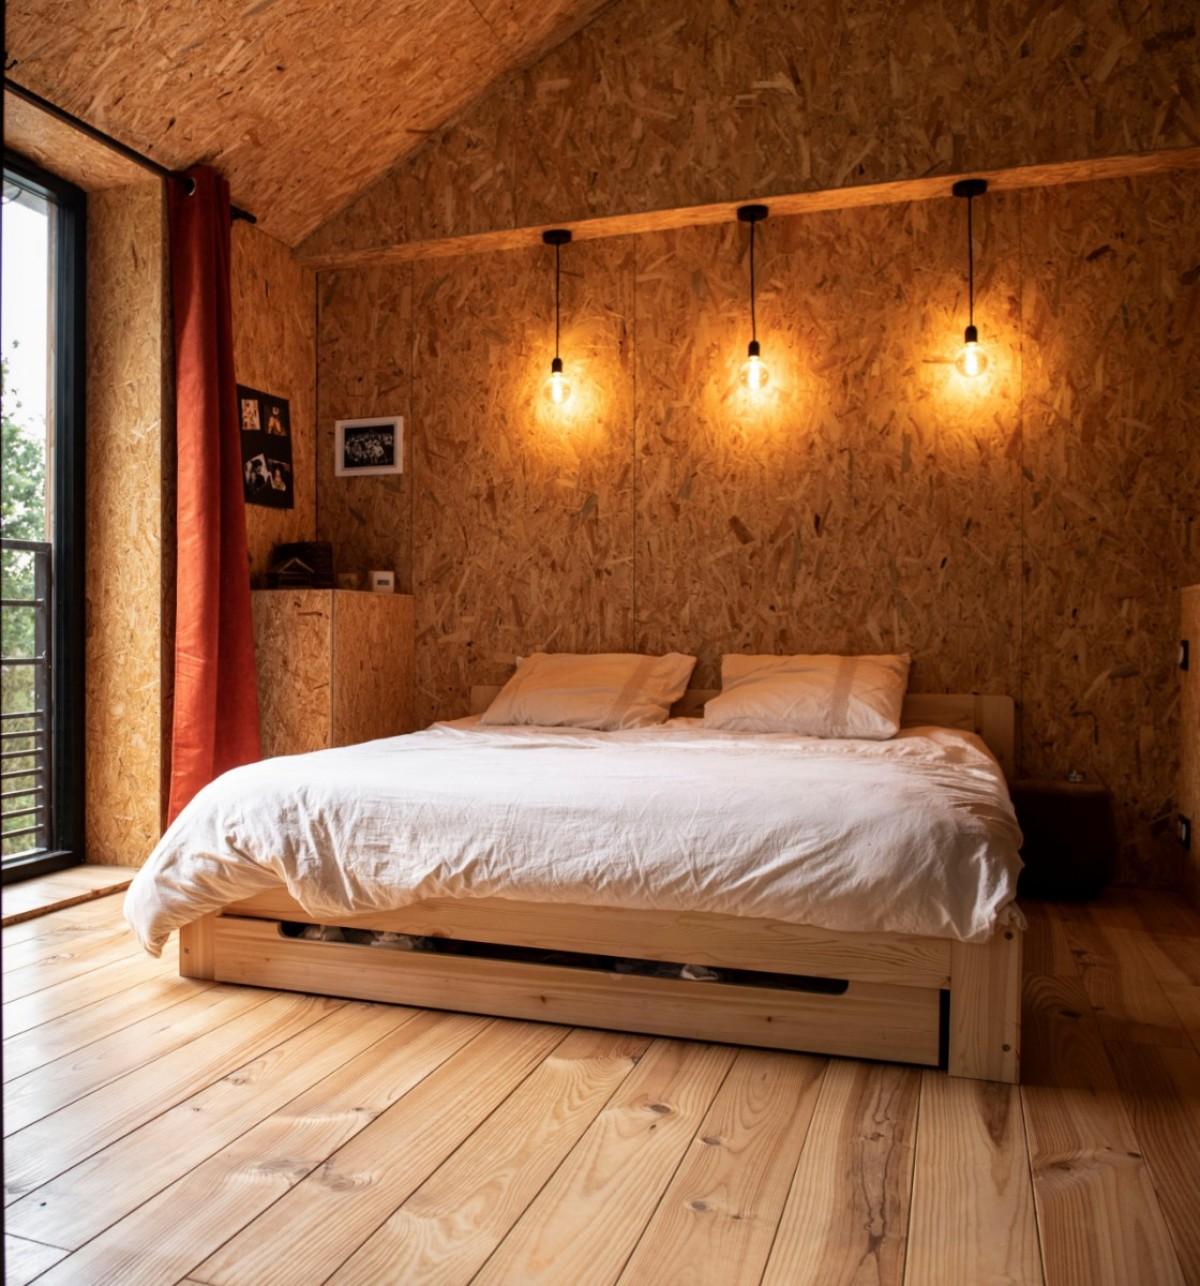 autrement_bois_construction_amenagement_maison_interieur_bois(7).jpg